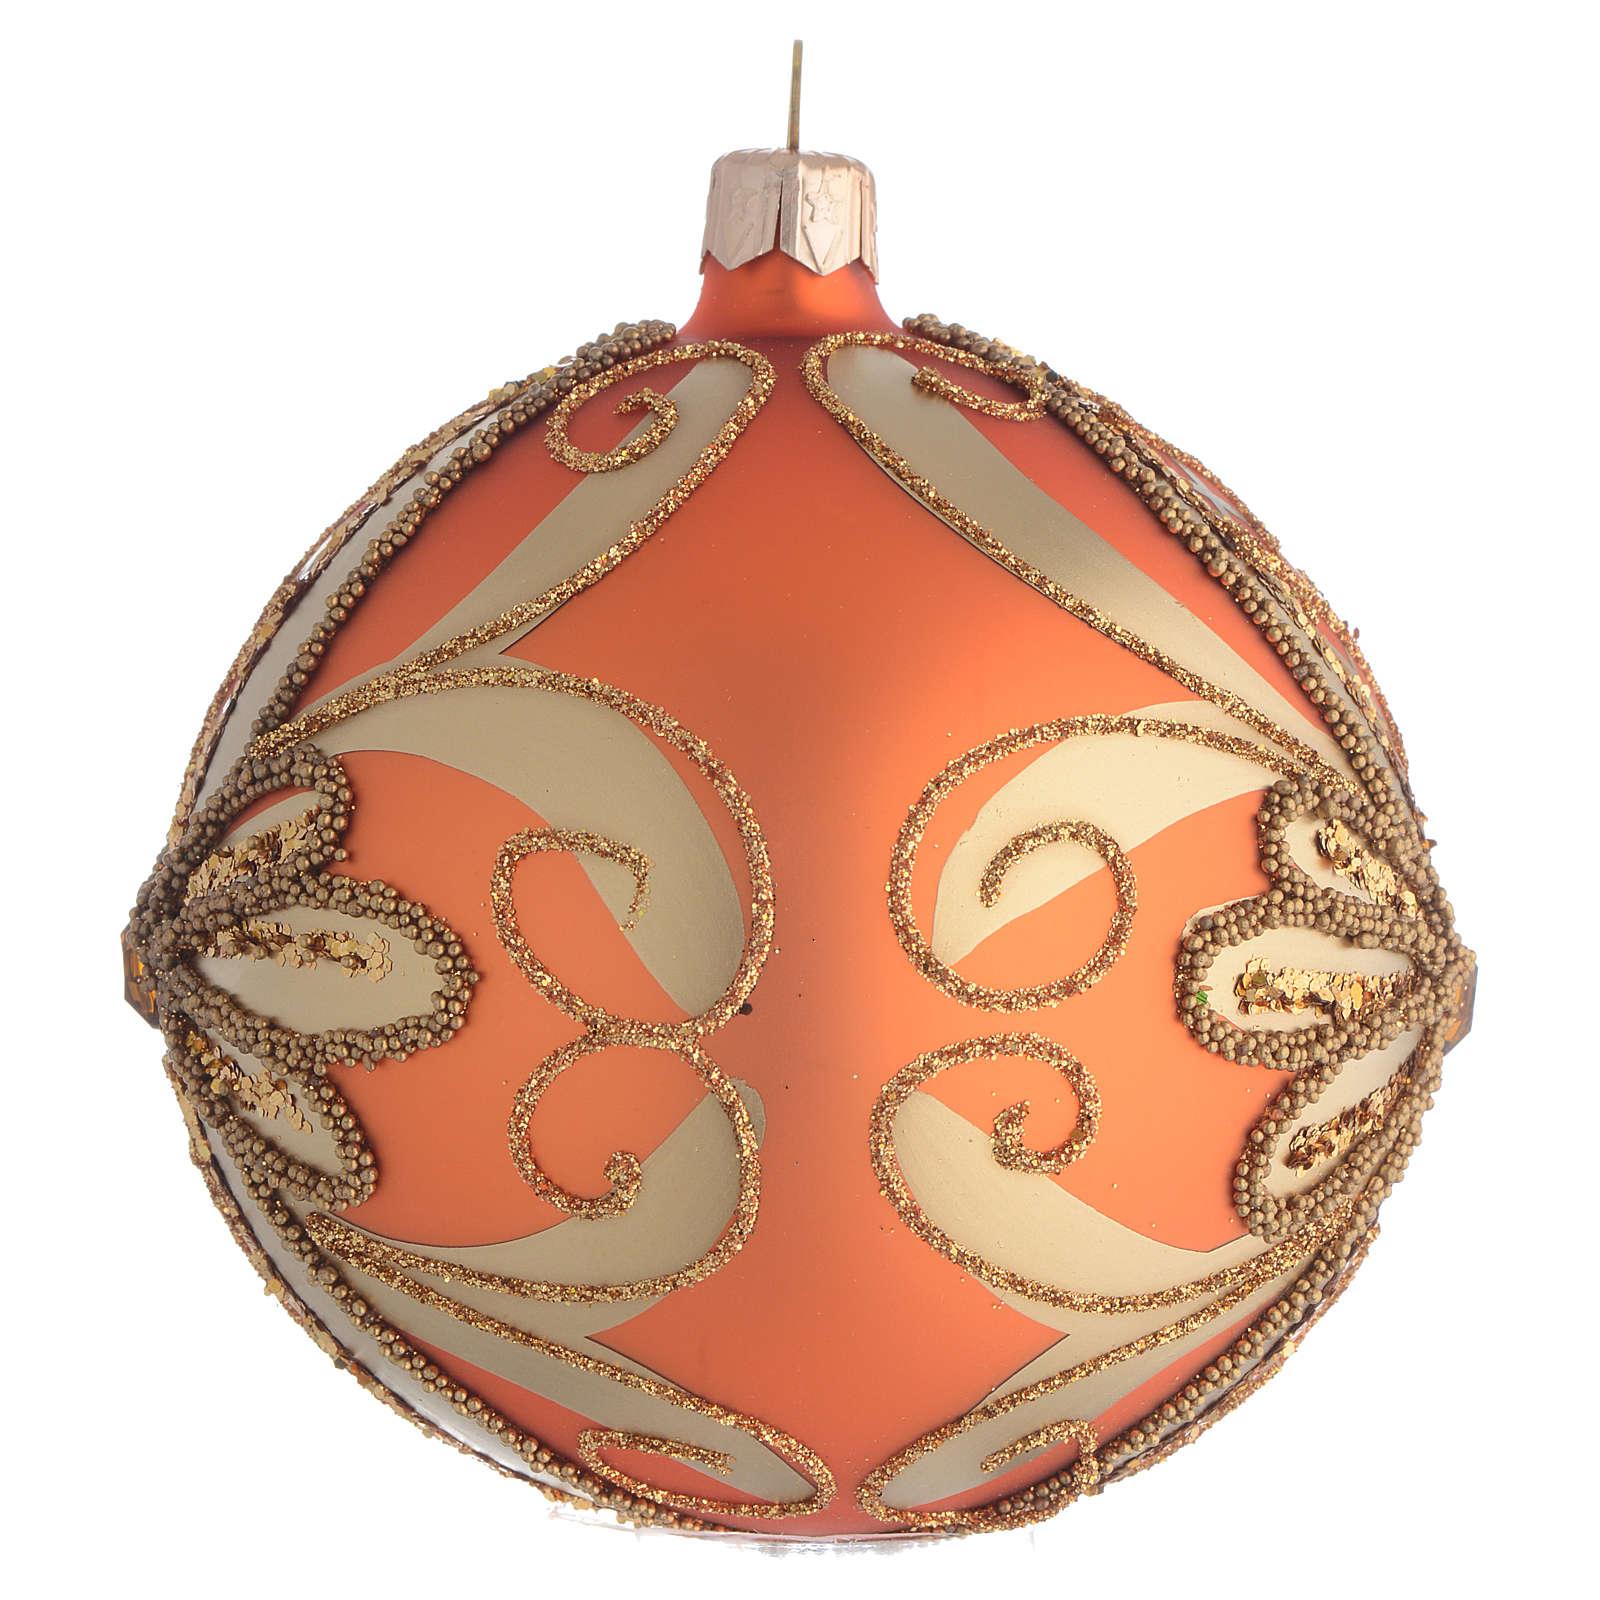 Bombka bożonarodzeniowa  szkło dmuchane pomaranczowa 100mm 4